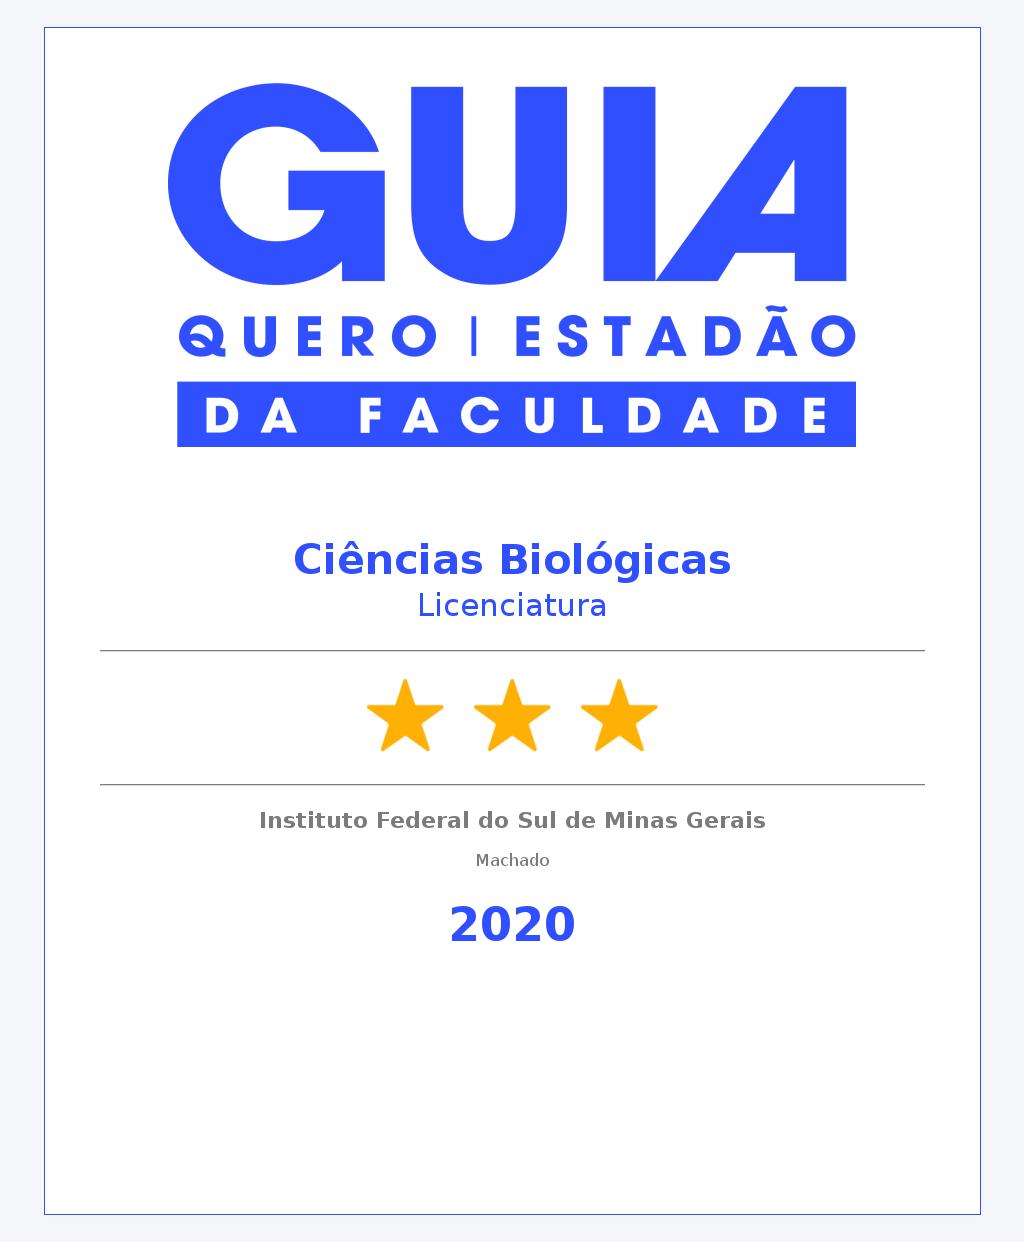 Ciências Biológicas Licenciatura Machado 3 Estrelas